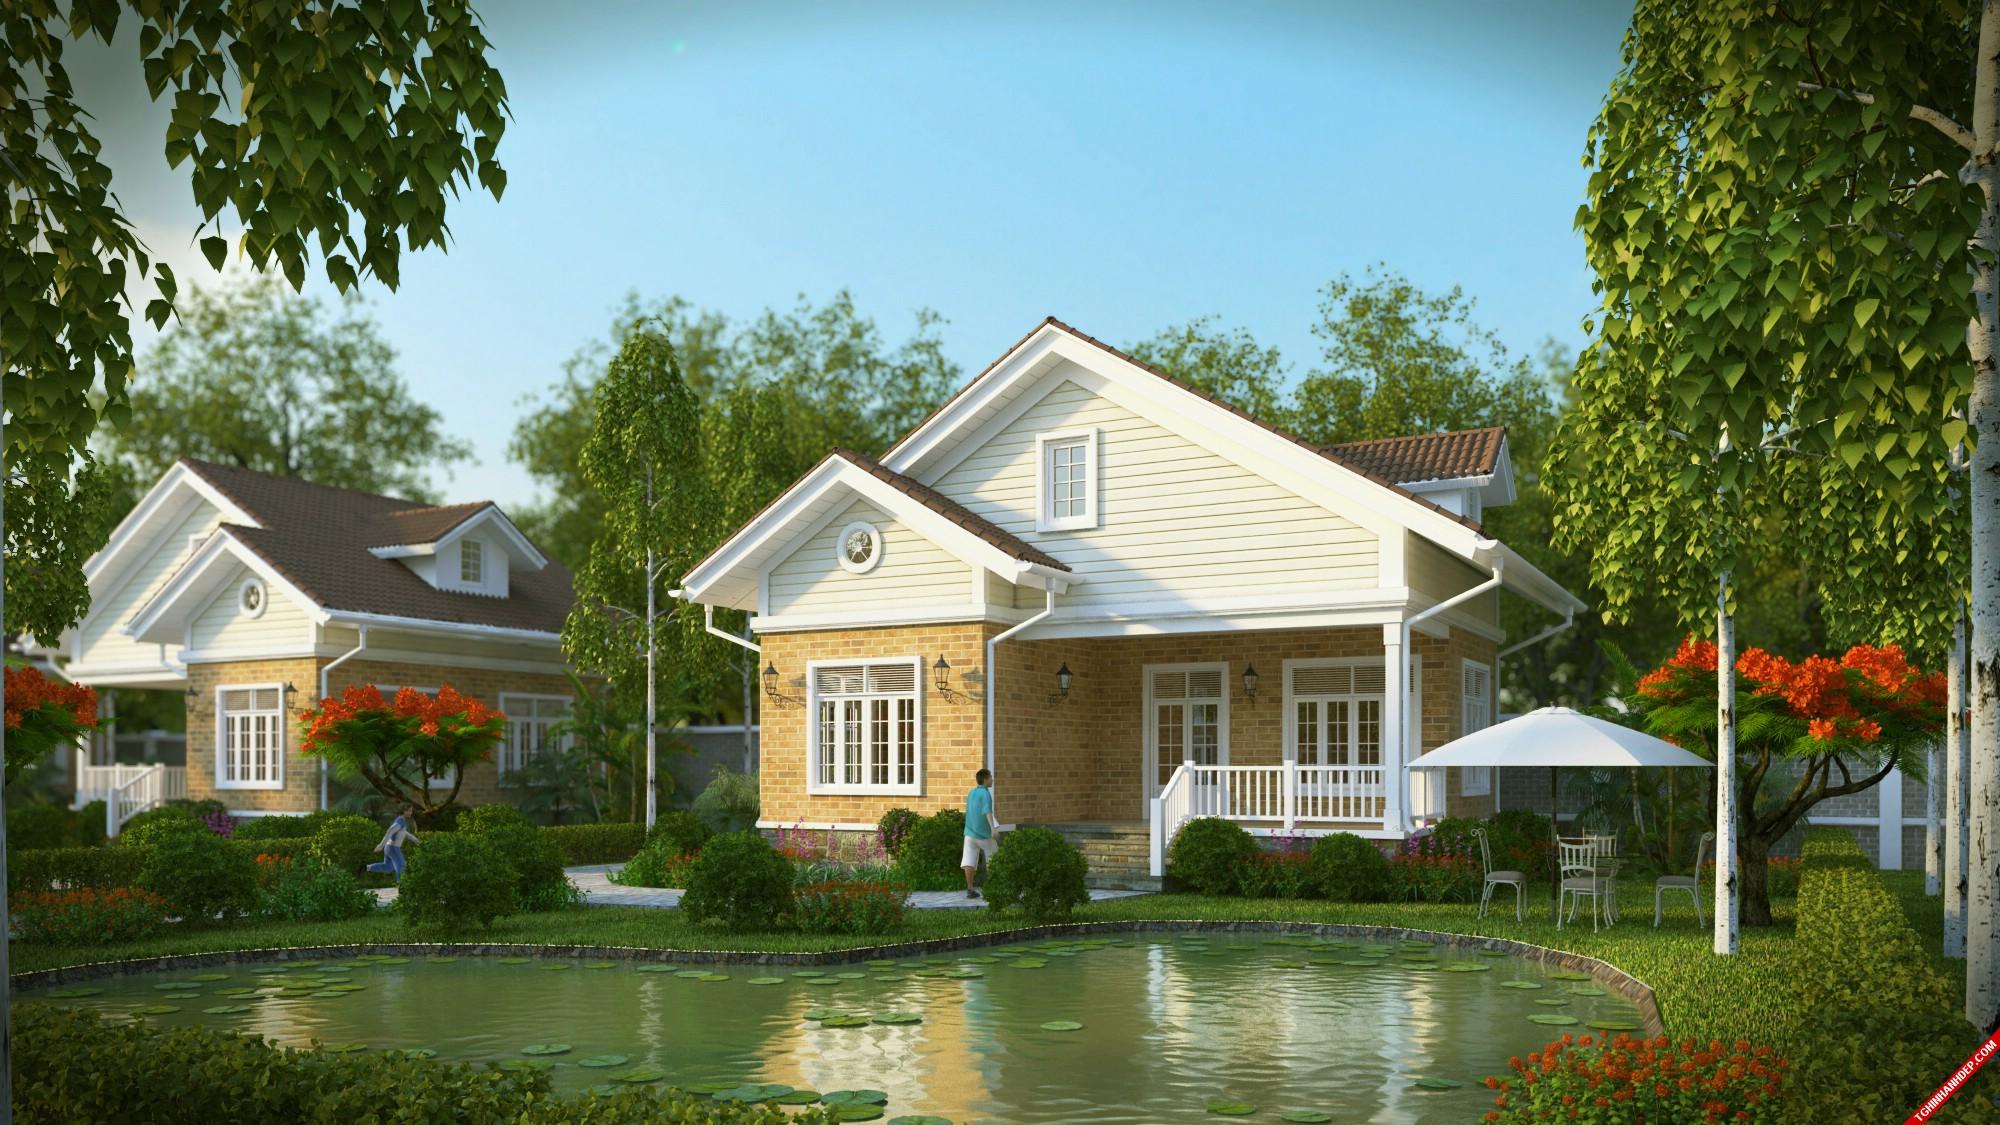 Hồ sen ngay giữa sân vườn làm điểm nhấn cho ngôi nhà cấp 4